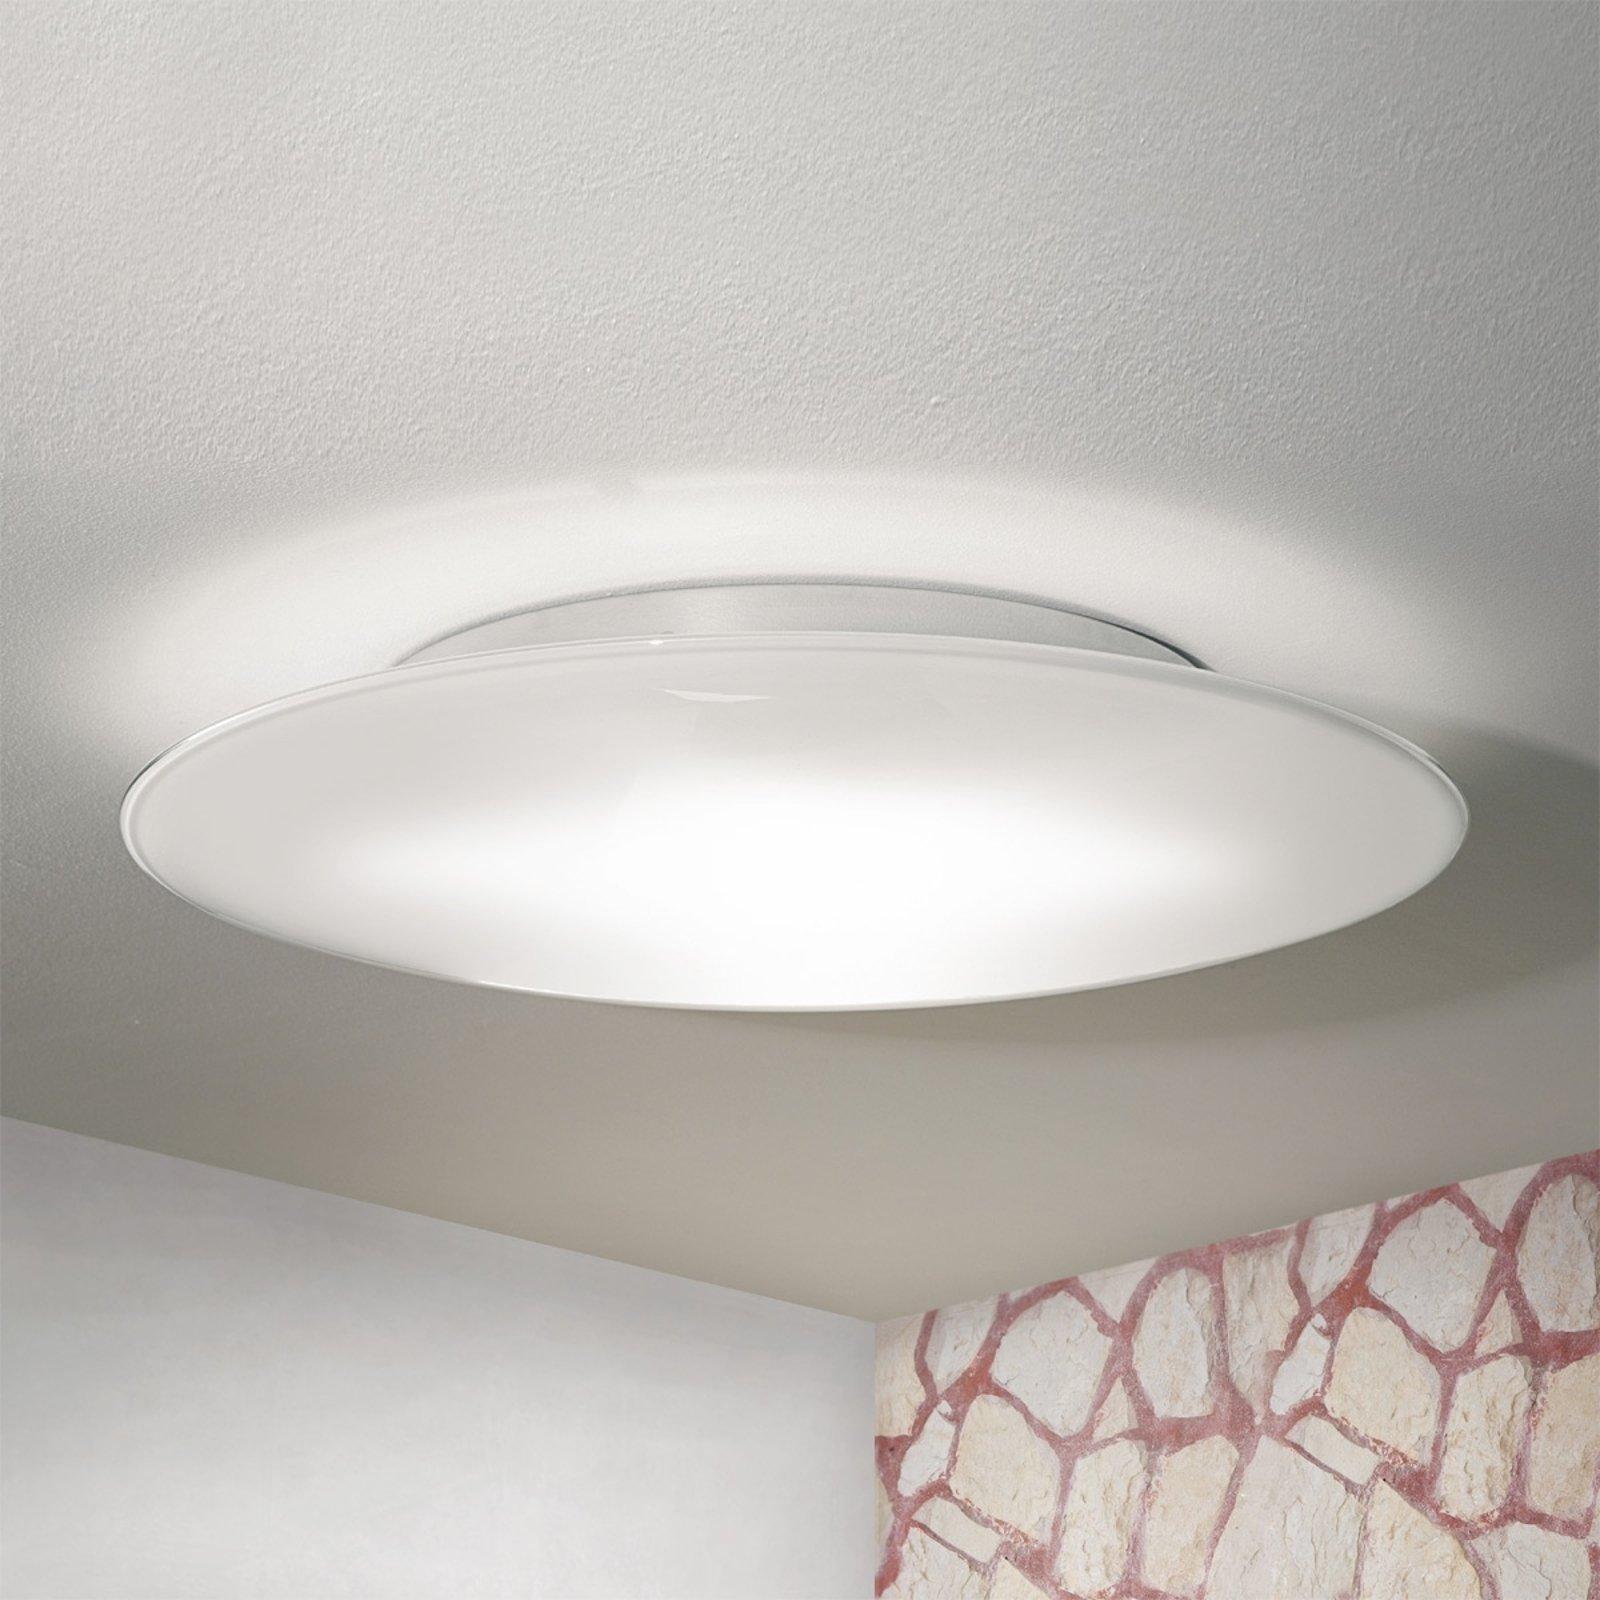 OCTOPUS - taklampe av hvitt muranoglass